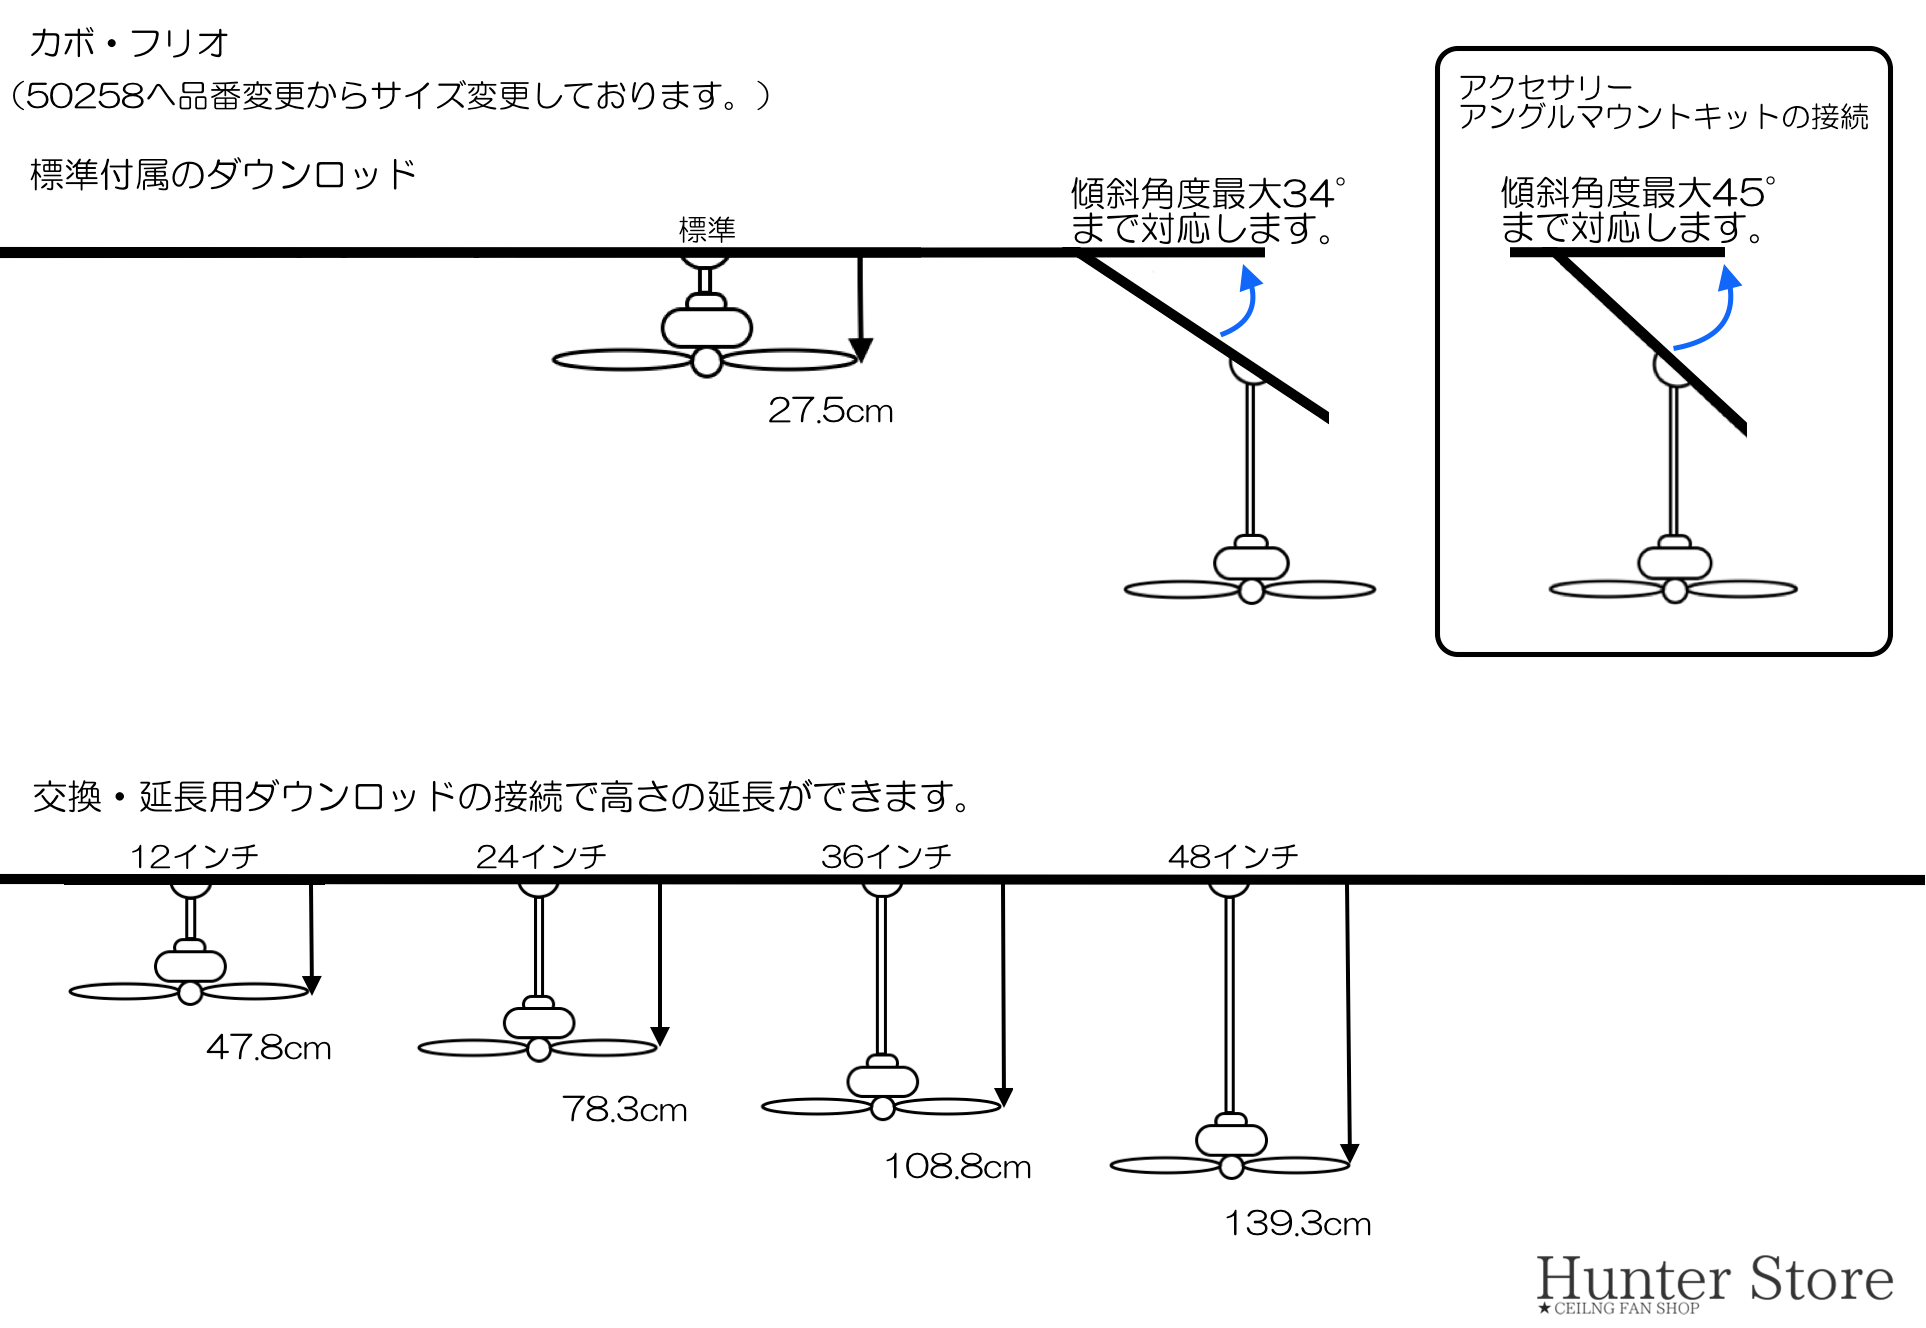 カボ・フリオ【壁コントローラ付】 - 画像4